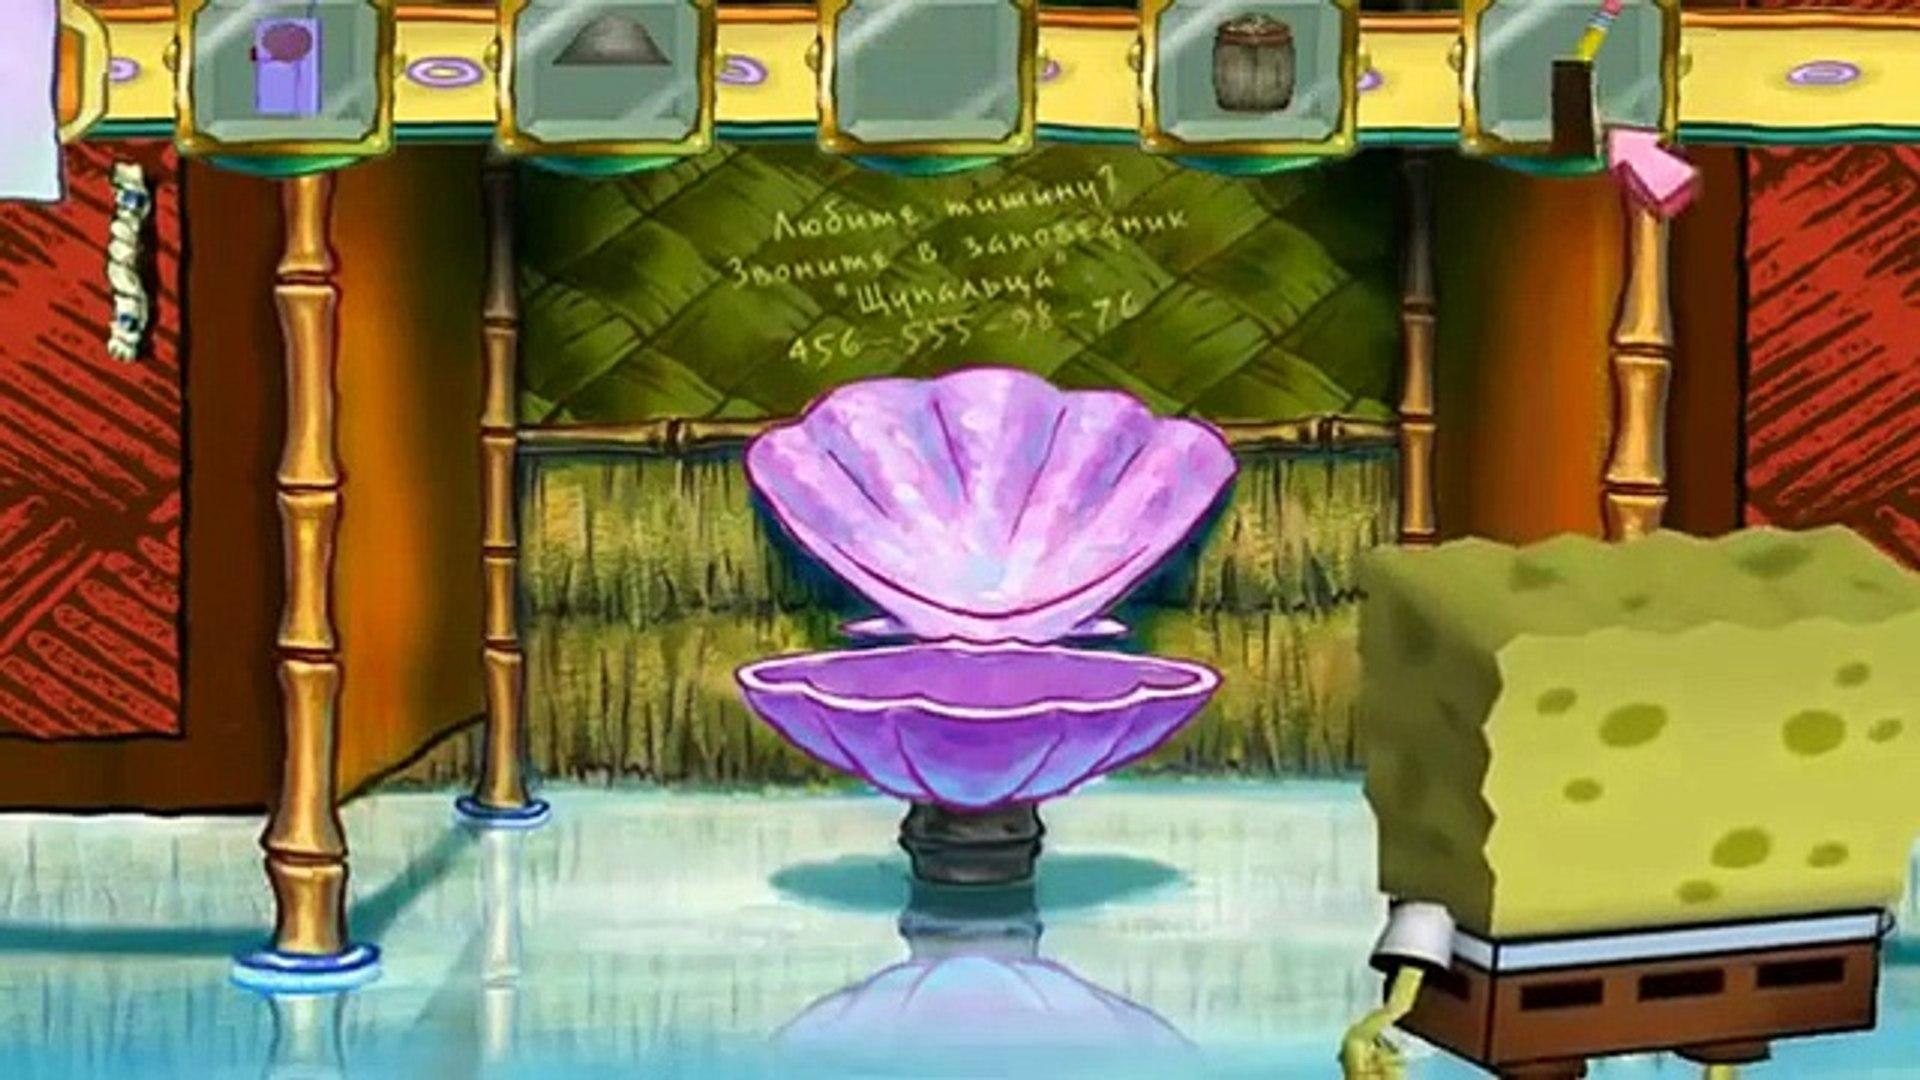 Spongebob Squarepants Губка Боб Квадратные Штаны # 17 HD 2015